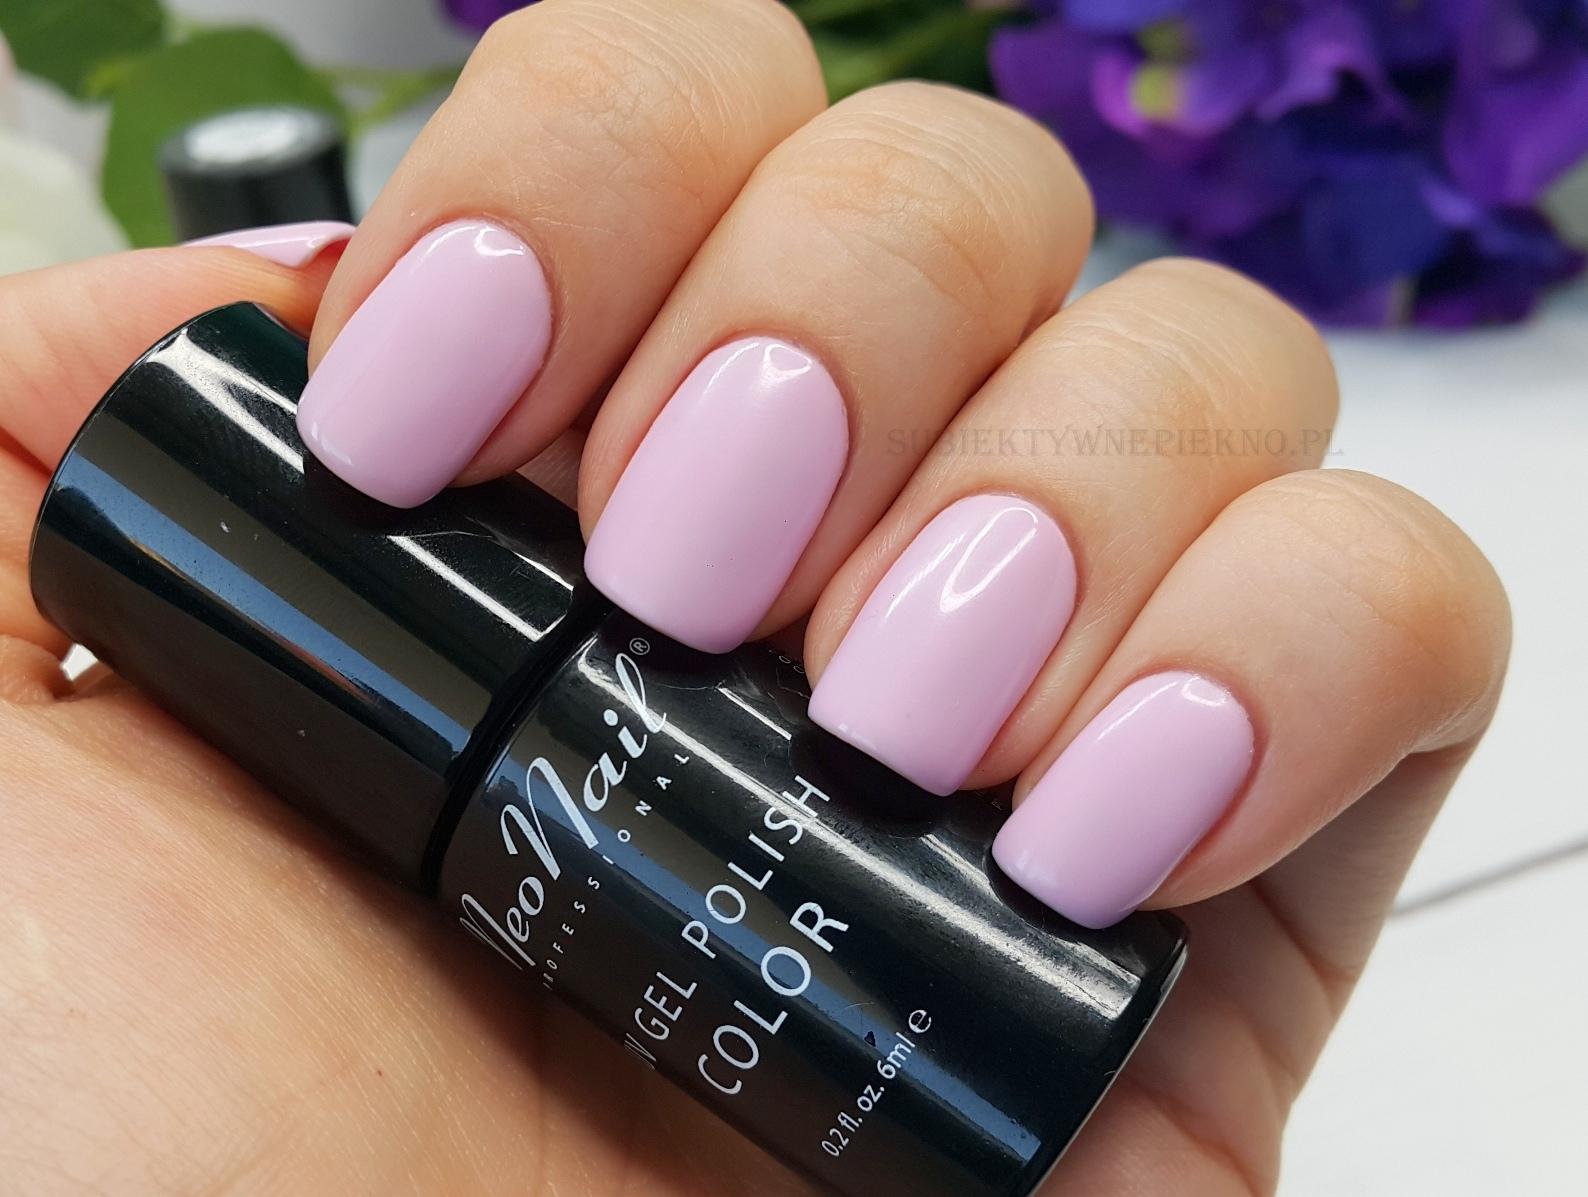 Lakier hybrydowy Light Lavender NeoNail 3193 na paznokciach